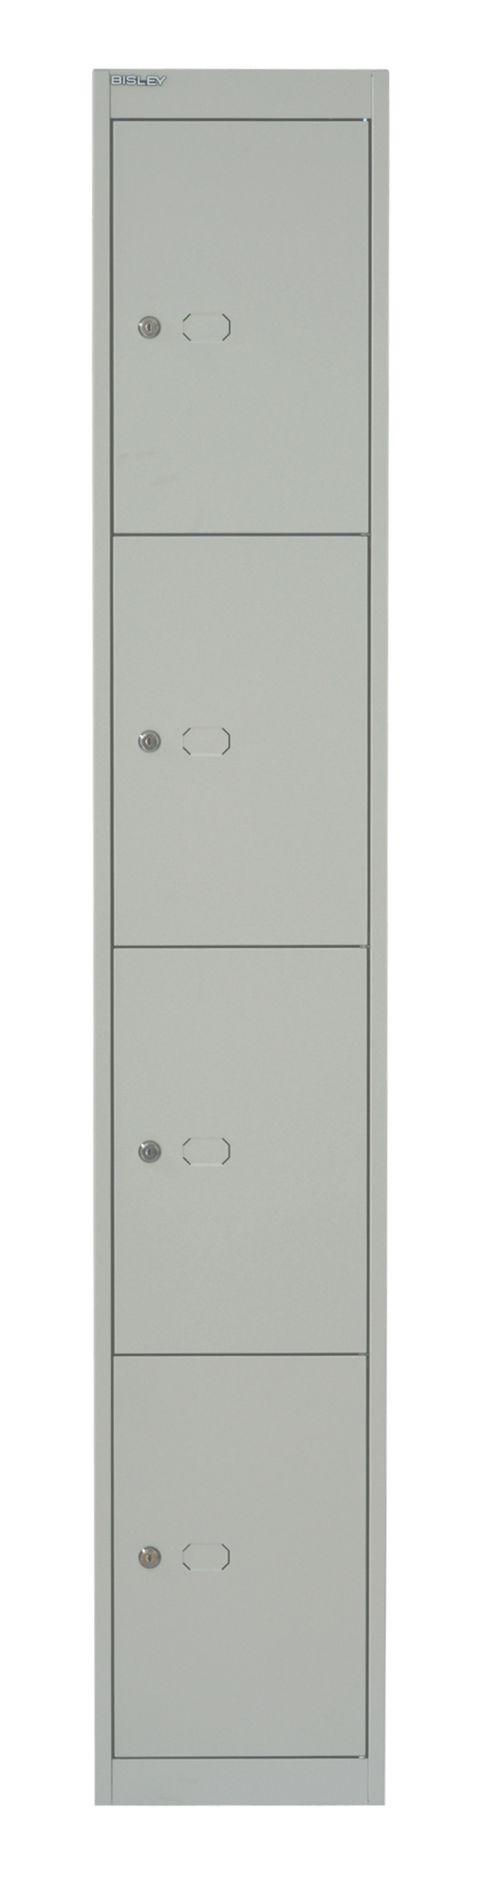 Bisley 4 Door 45.7 Locker - Goose Grey